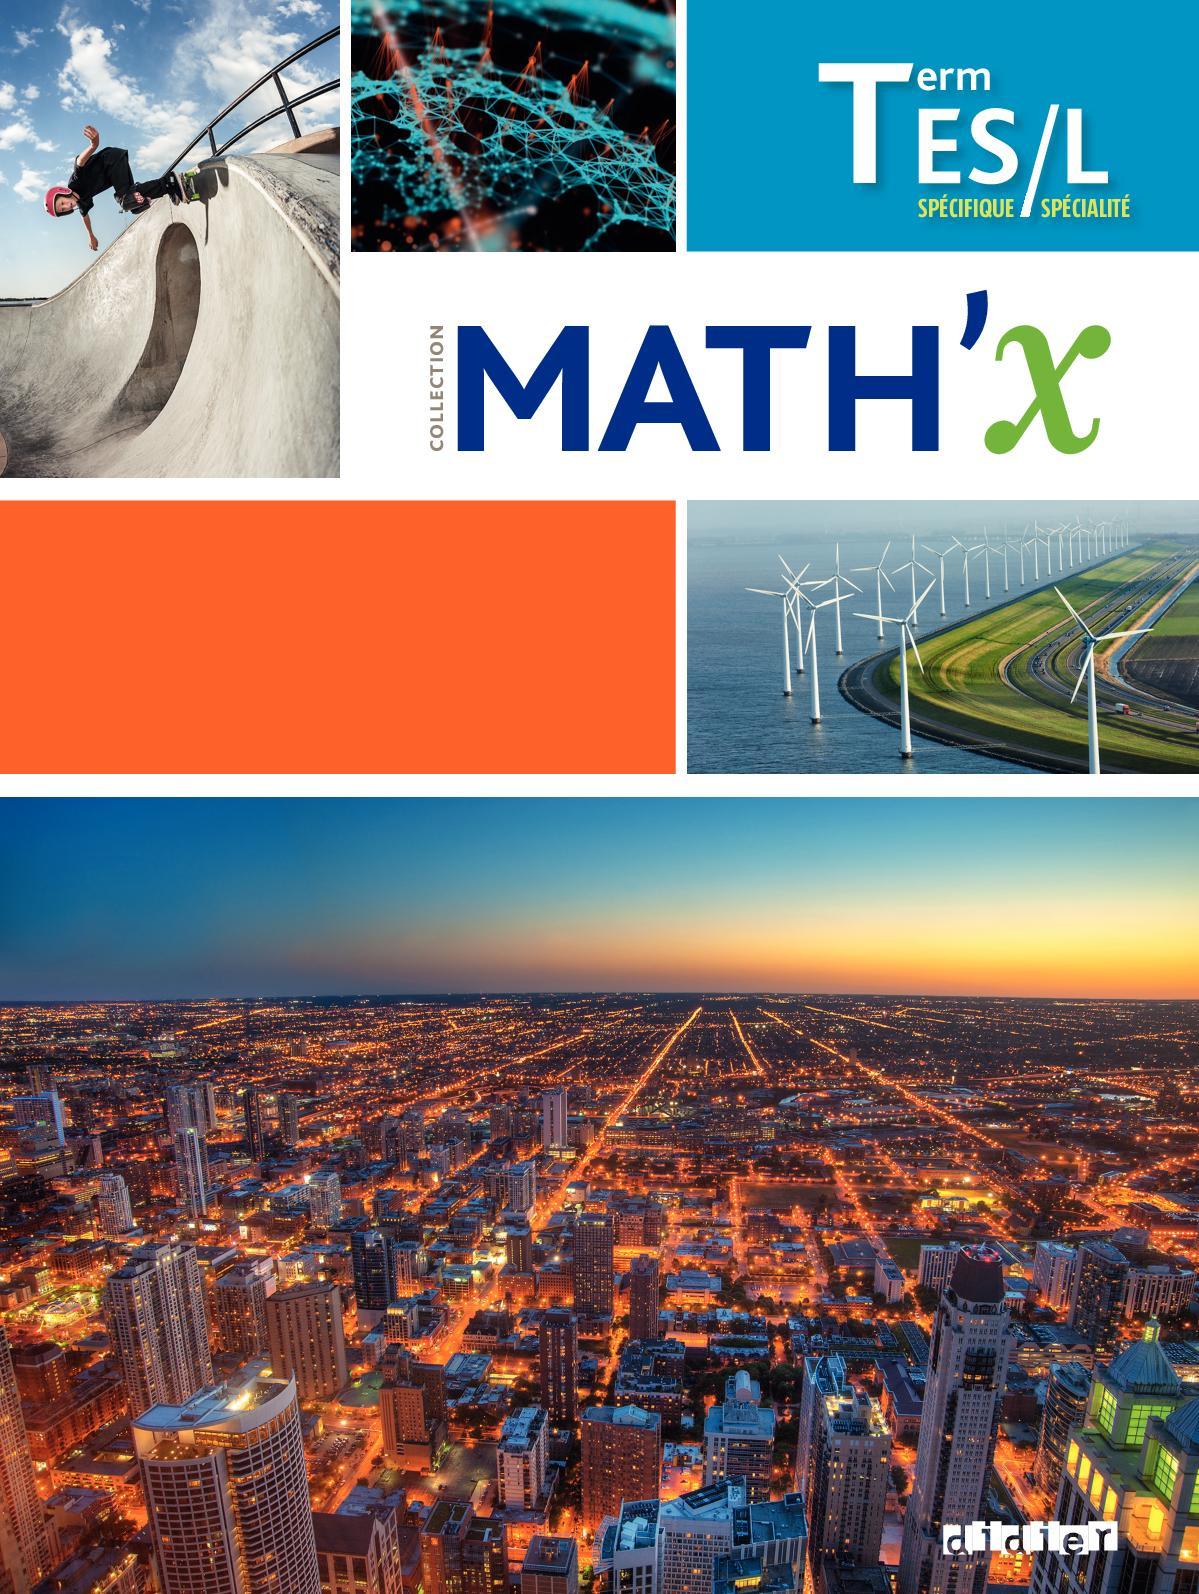 Math'x Terminale S Spécialité Corrigé : math'x, terminale, spécialité, corrigé, Calaméo, Math', Math'x, Specialite